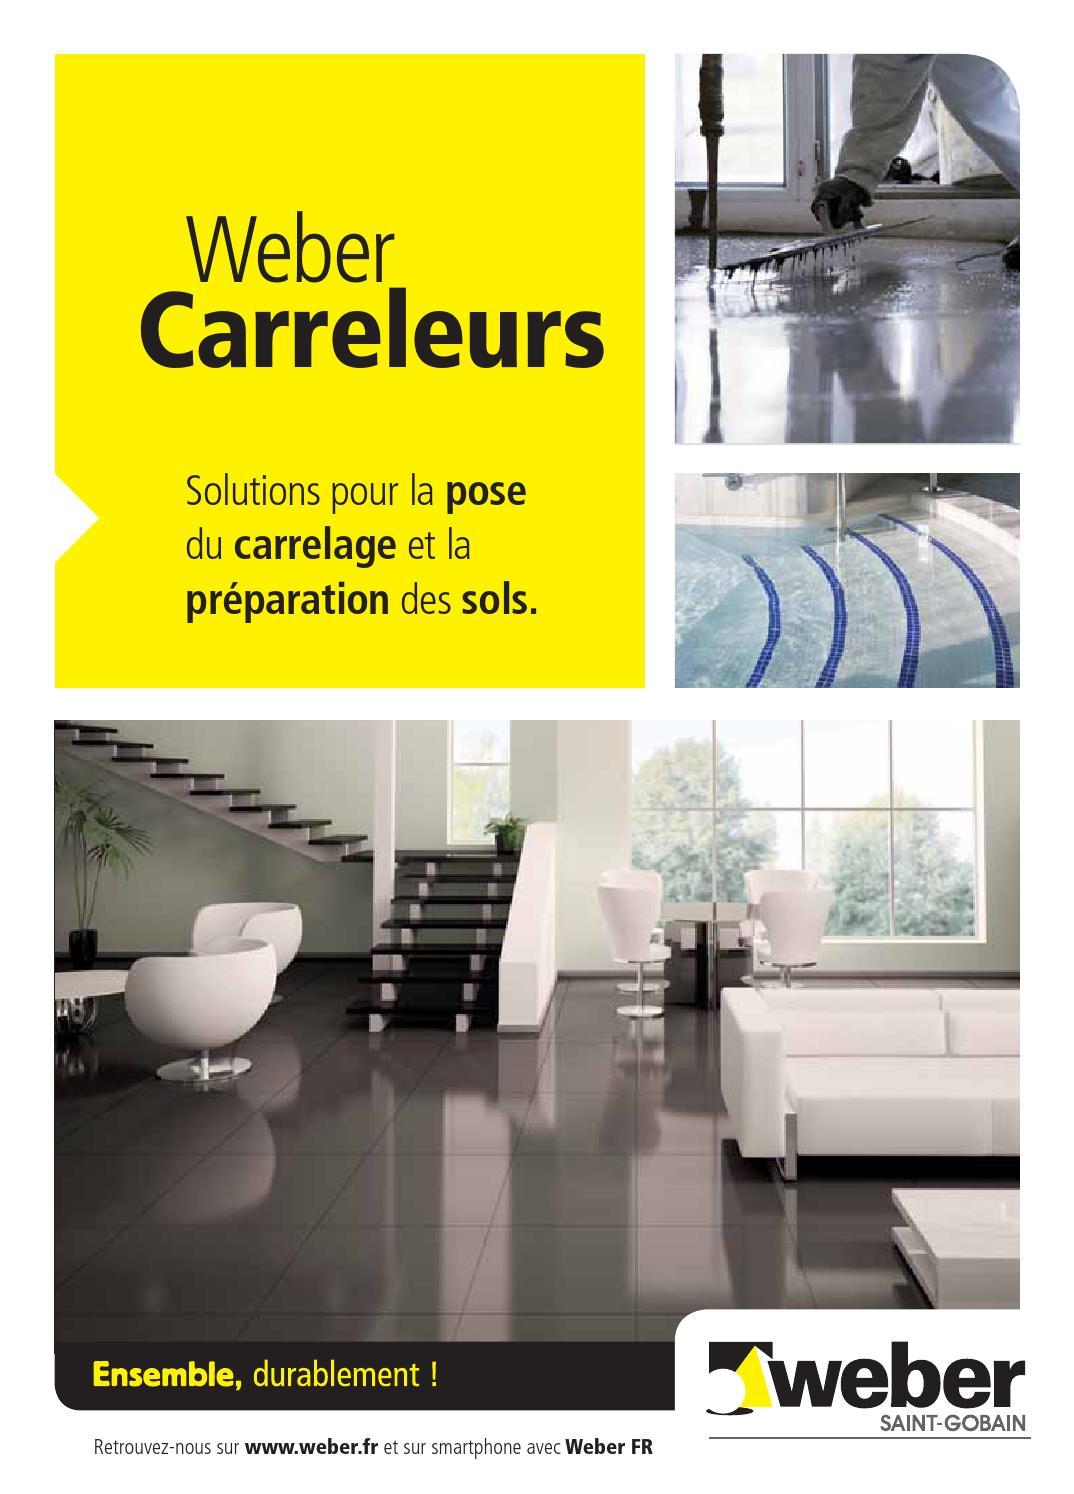 Comment Enlever Colle Carrelage Sur Dalle weber_carreleurs 2014weber - issuu